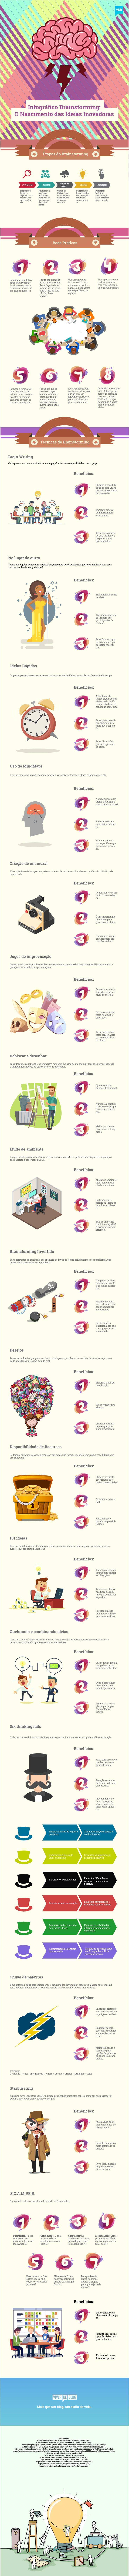 As 17 melhores técnicas de Brainstorming que você precisa conhecer para criar ideias revolucionárias com produtividade e excelência.